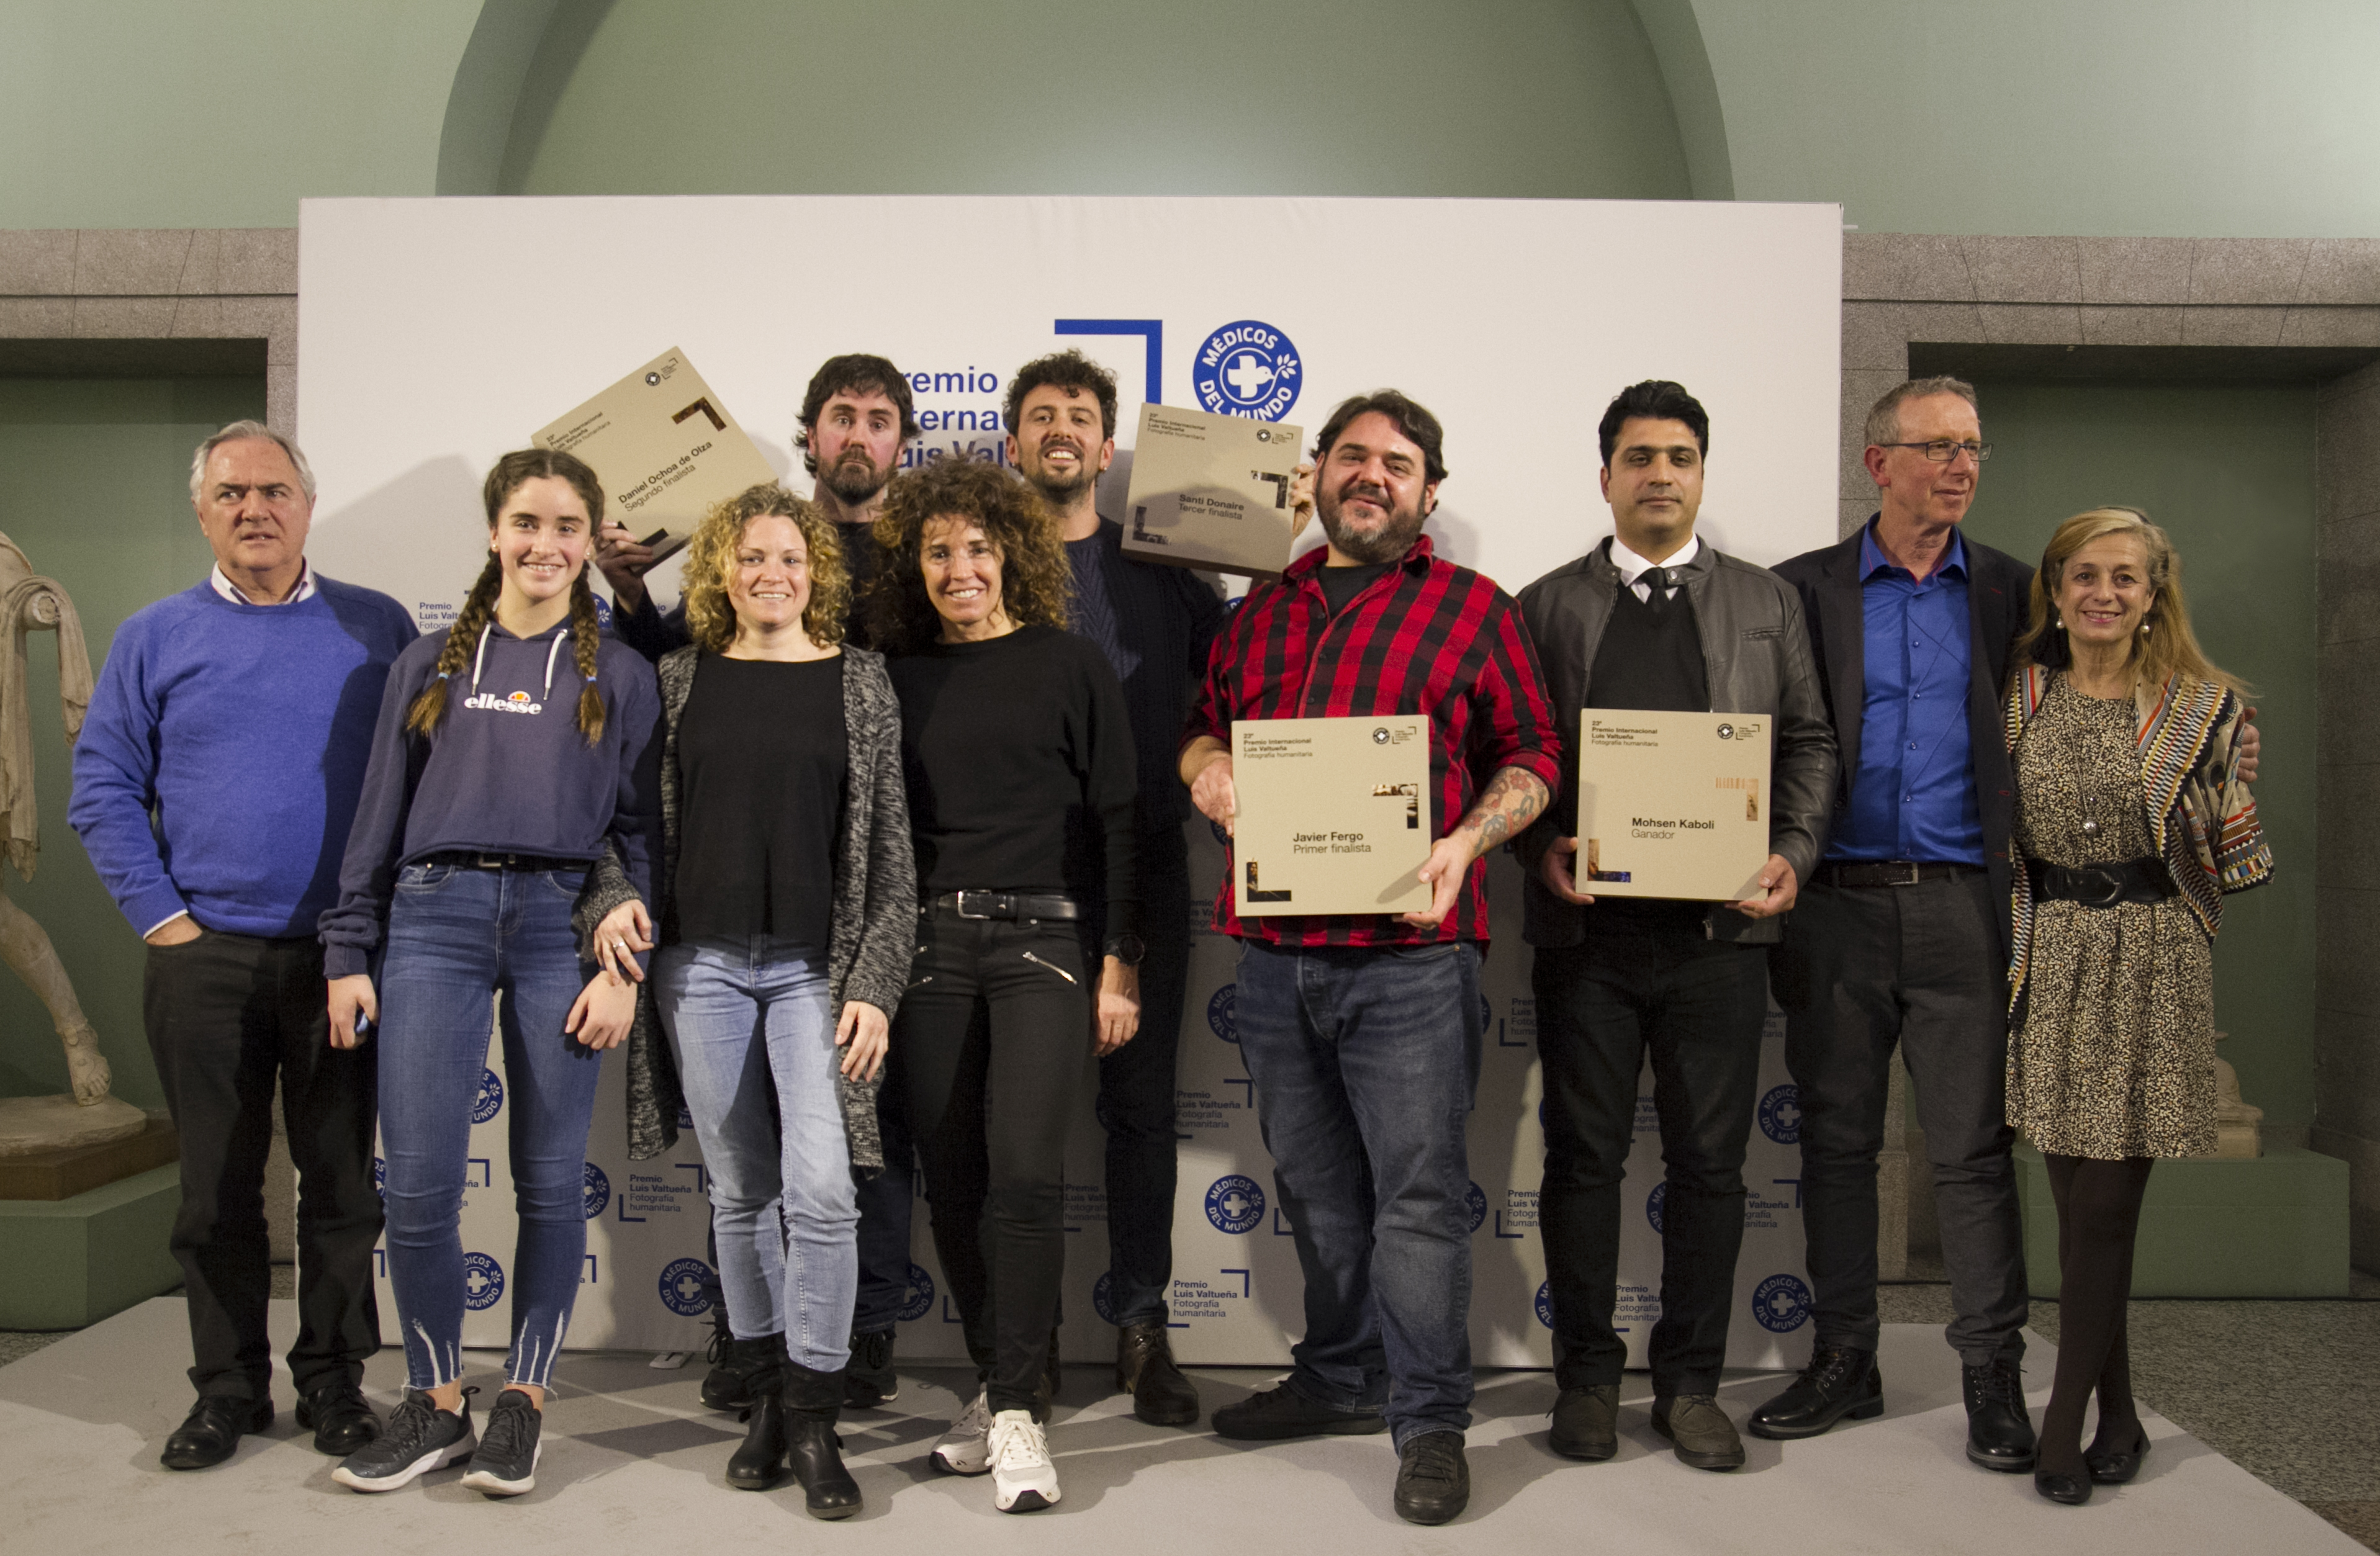 Entrega de premios de la 23ª edición. ©Afredo Matilla